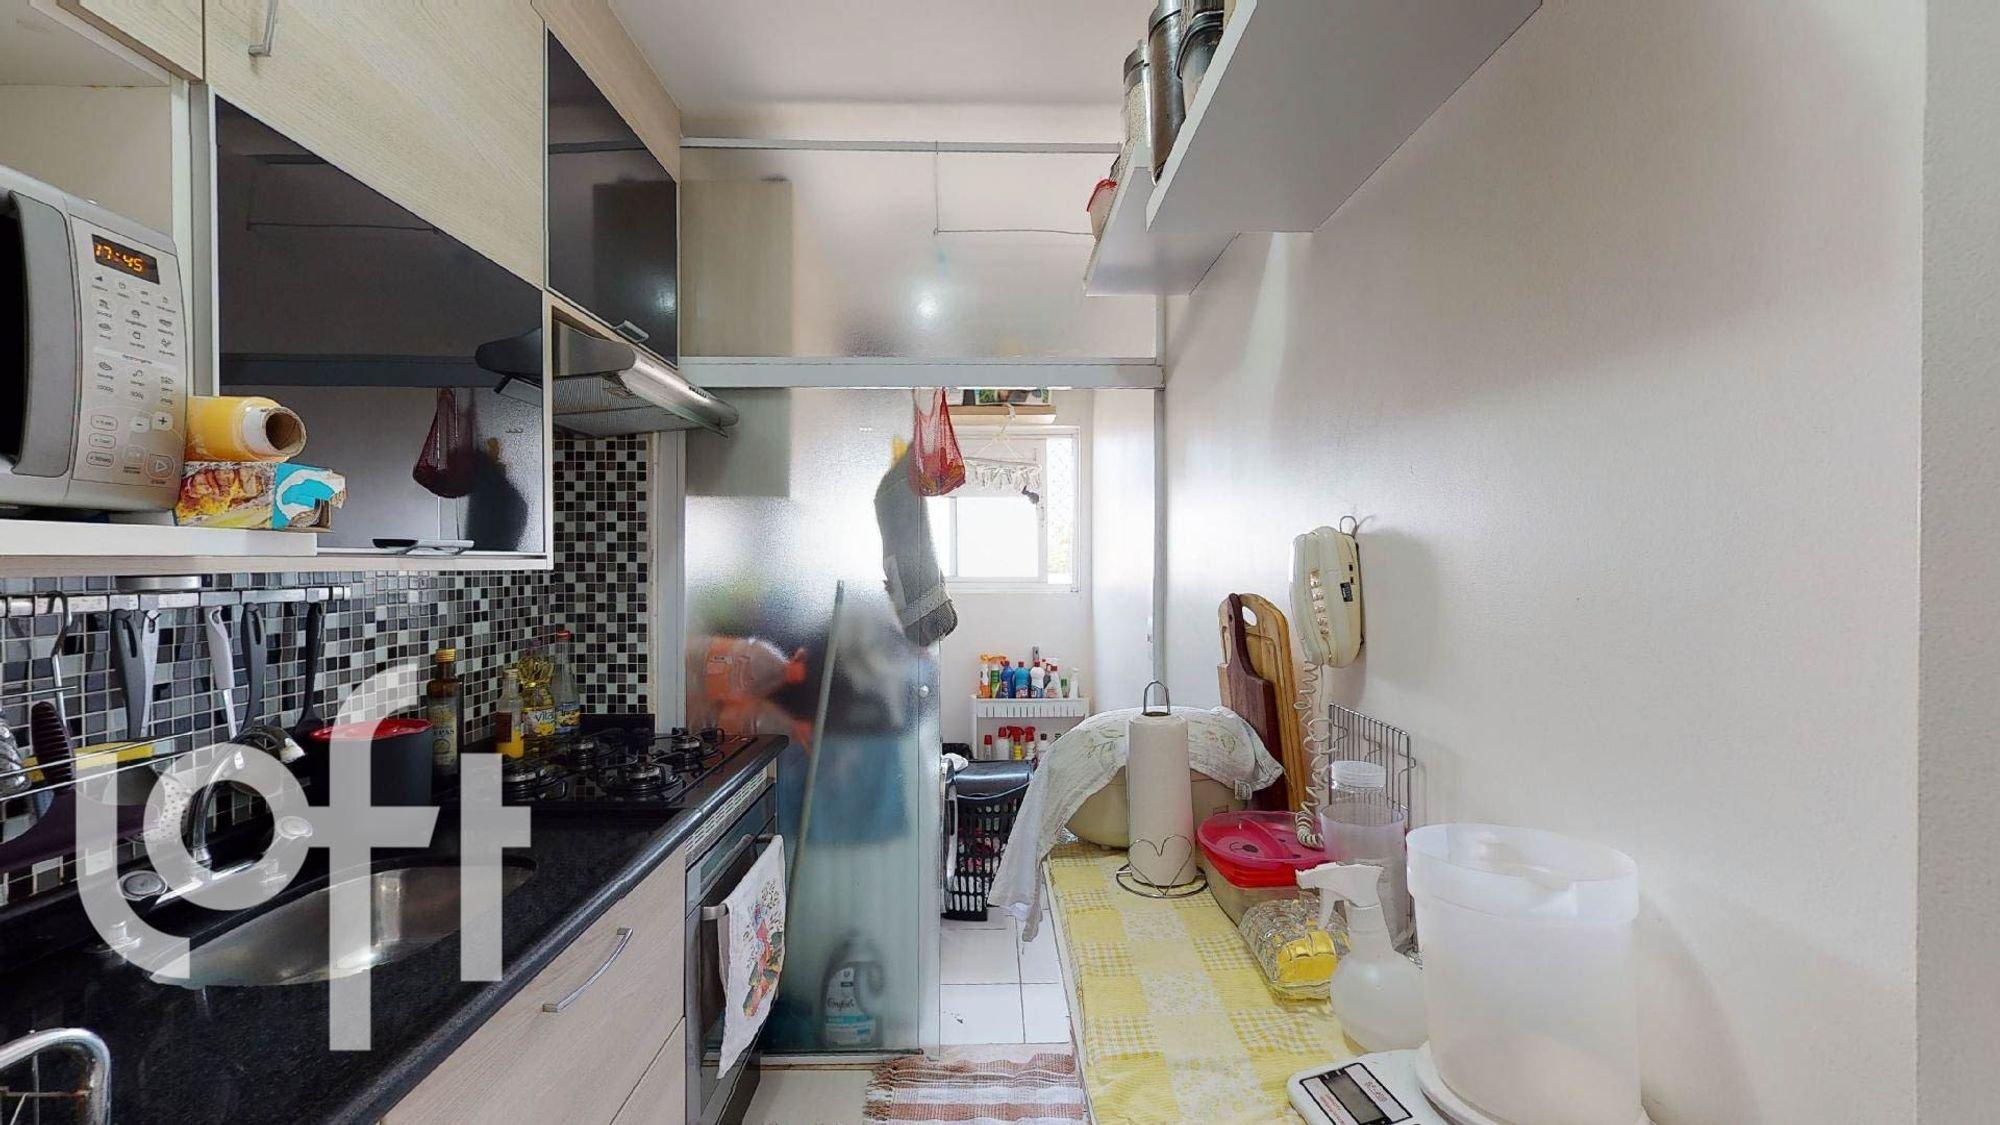 Foto de Cozinha com colher, garrafa, microondas, xícara